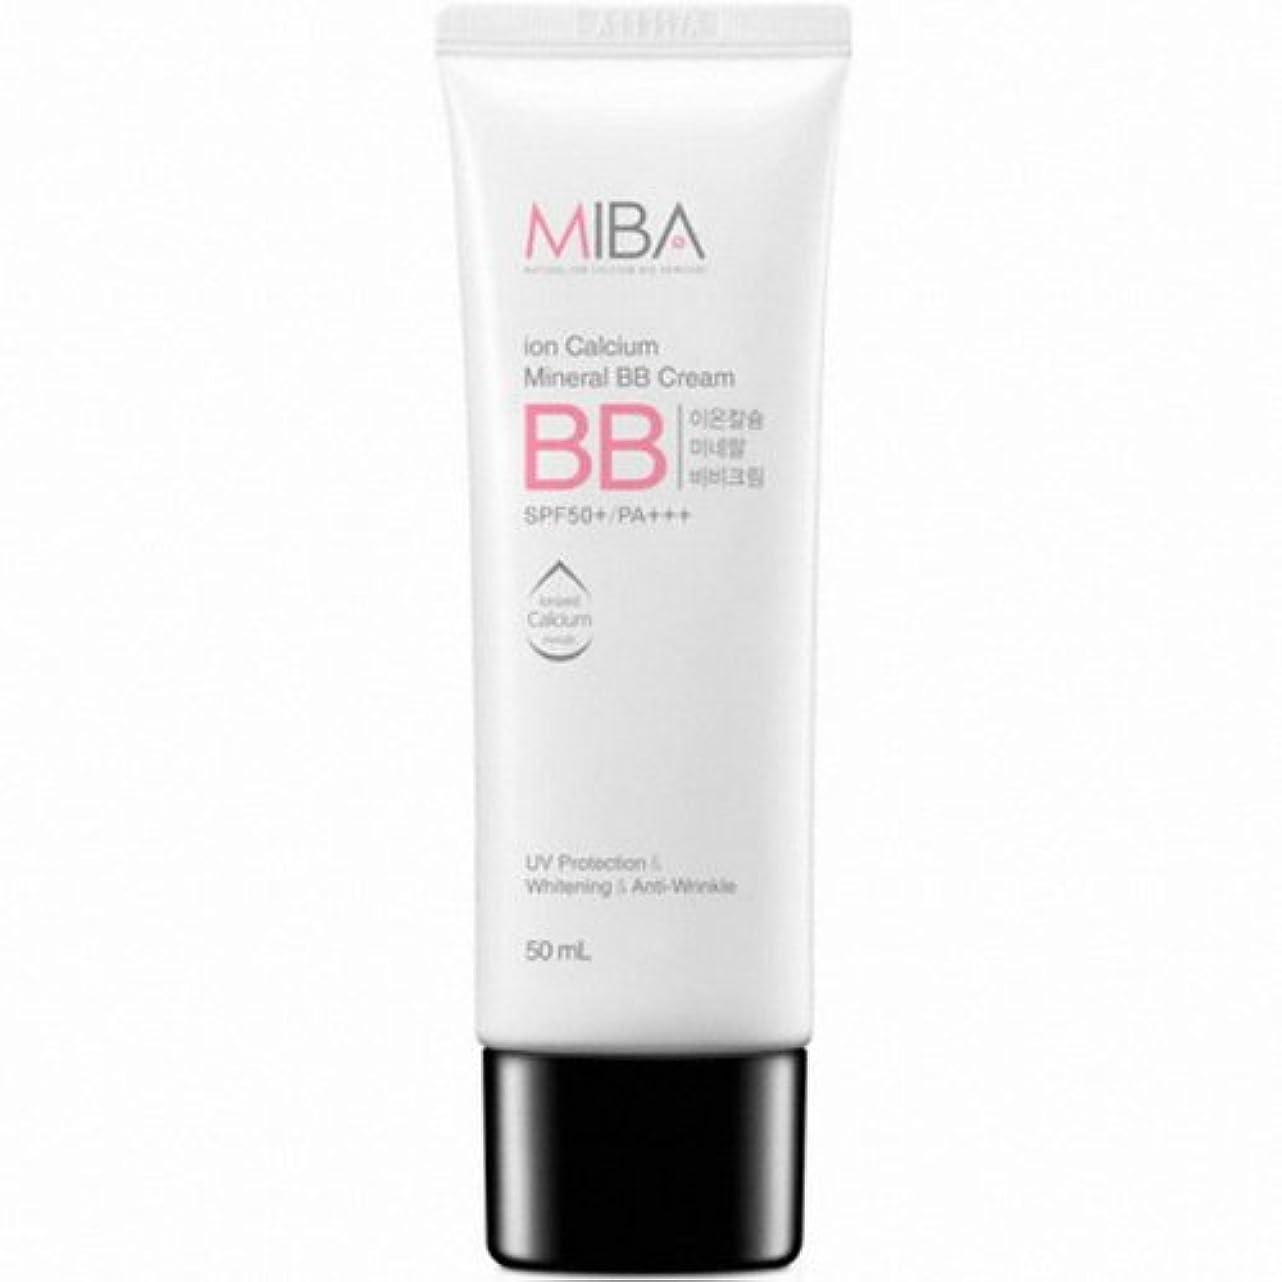 伝染性の男やもめ残忍なMINERALBIO (ミネラルバイオ) ミバ イオン カルシウム ミネラル ビビクリーム / MIBA Ion Calcium Mineral BB Cream (50ml) [並行輸入品]